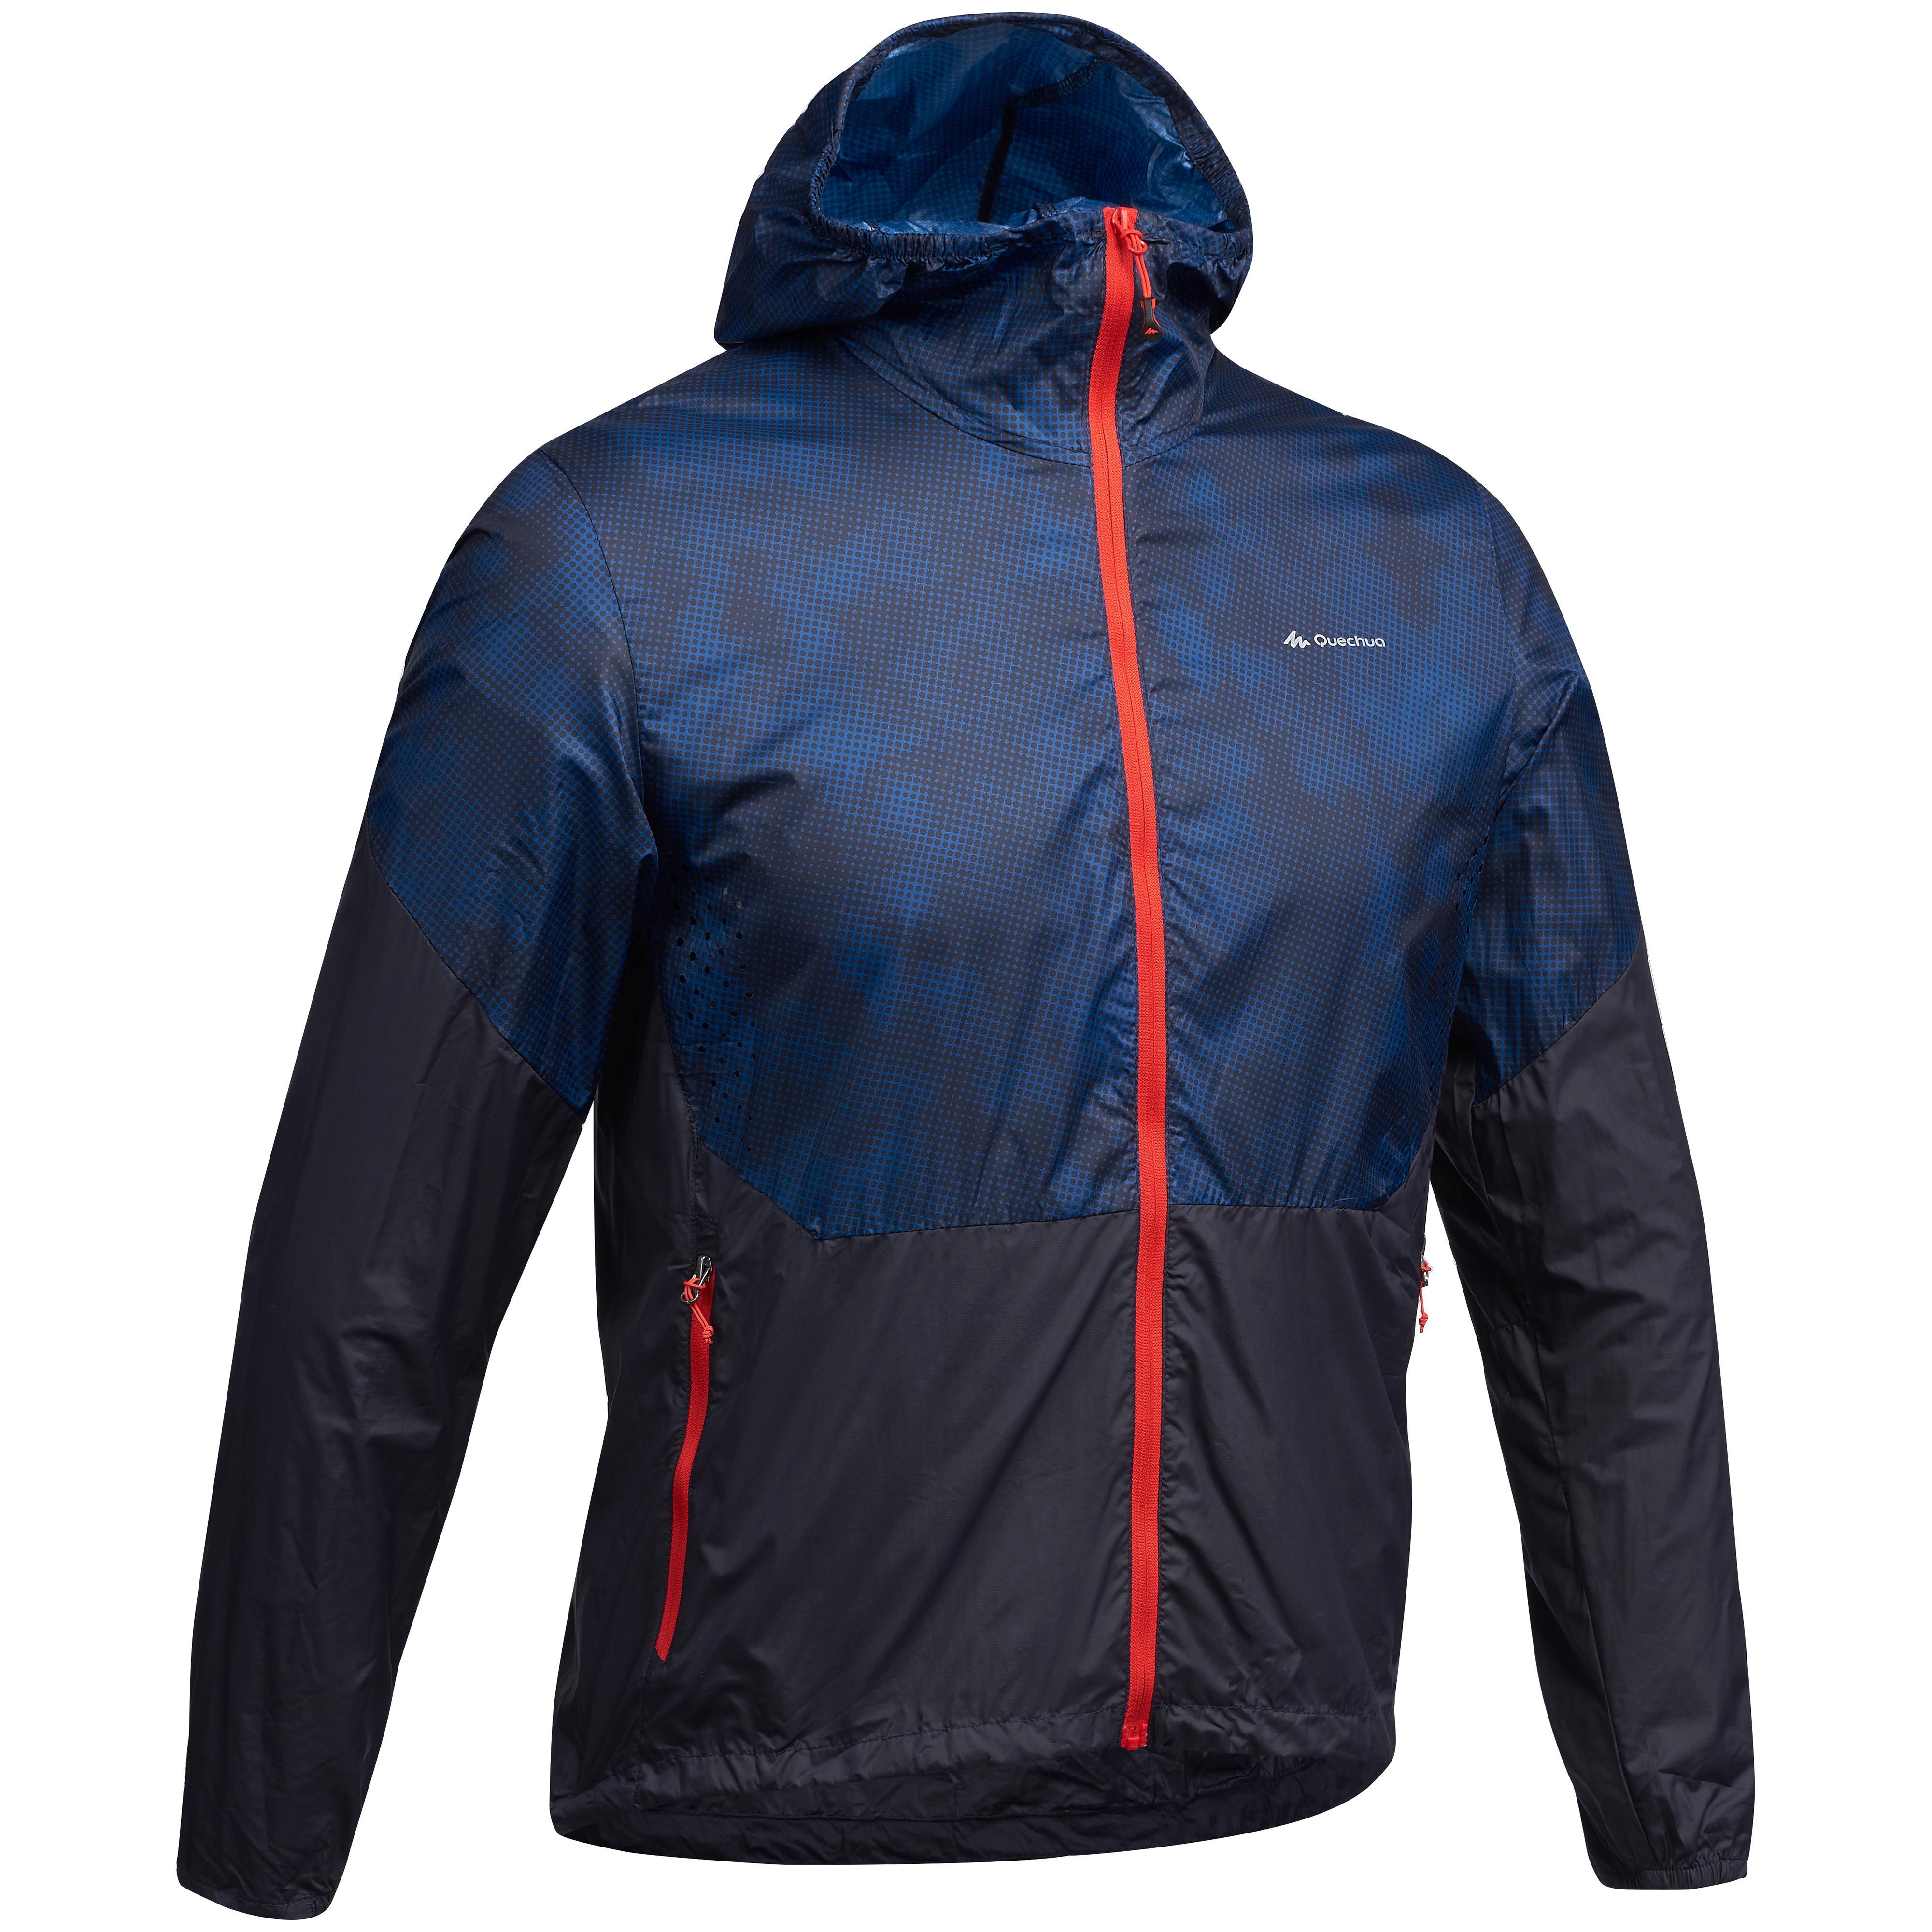 Quechua Heren windjack voor fast hiking FH500 Helium Wind blauw rood